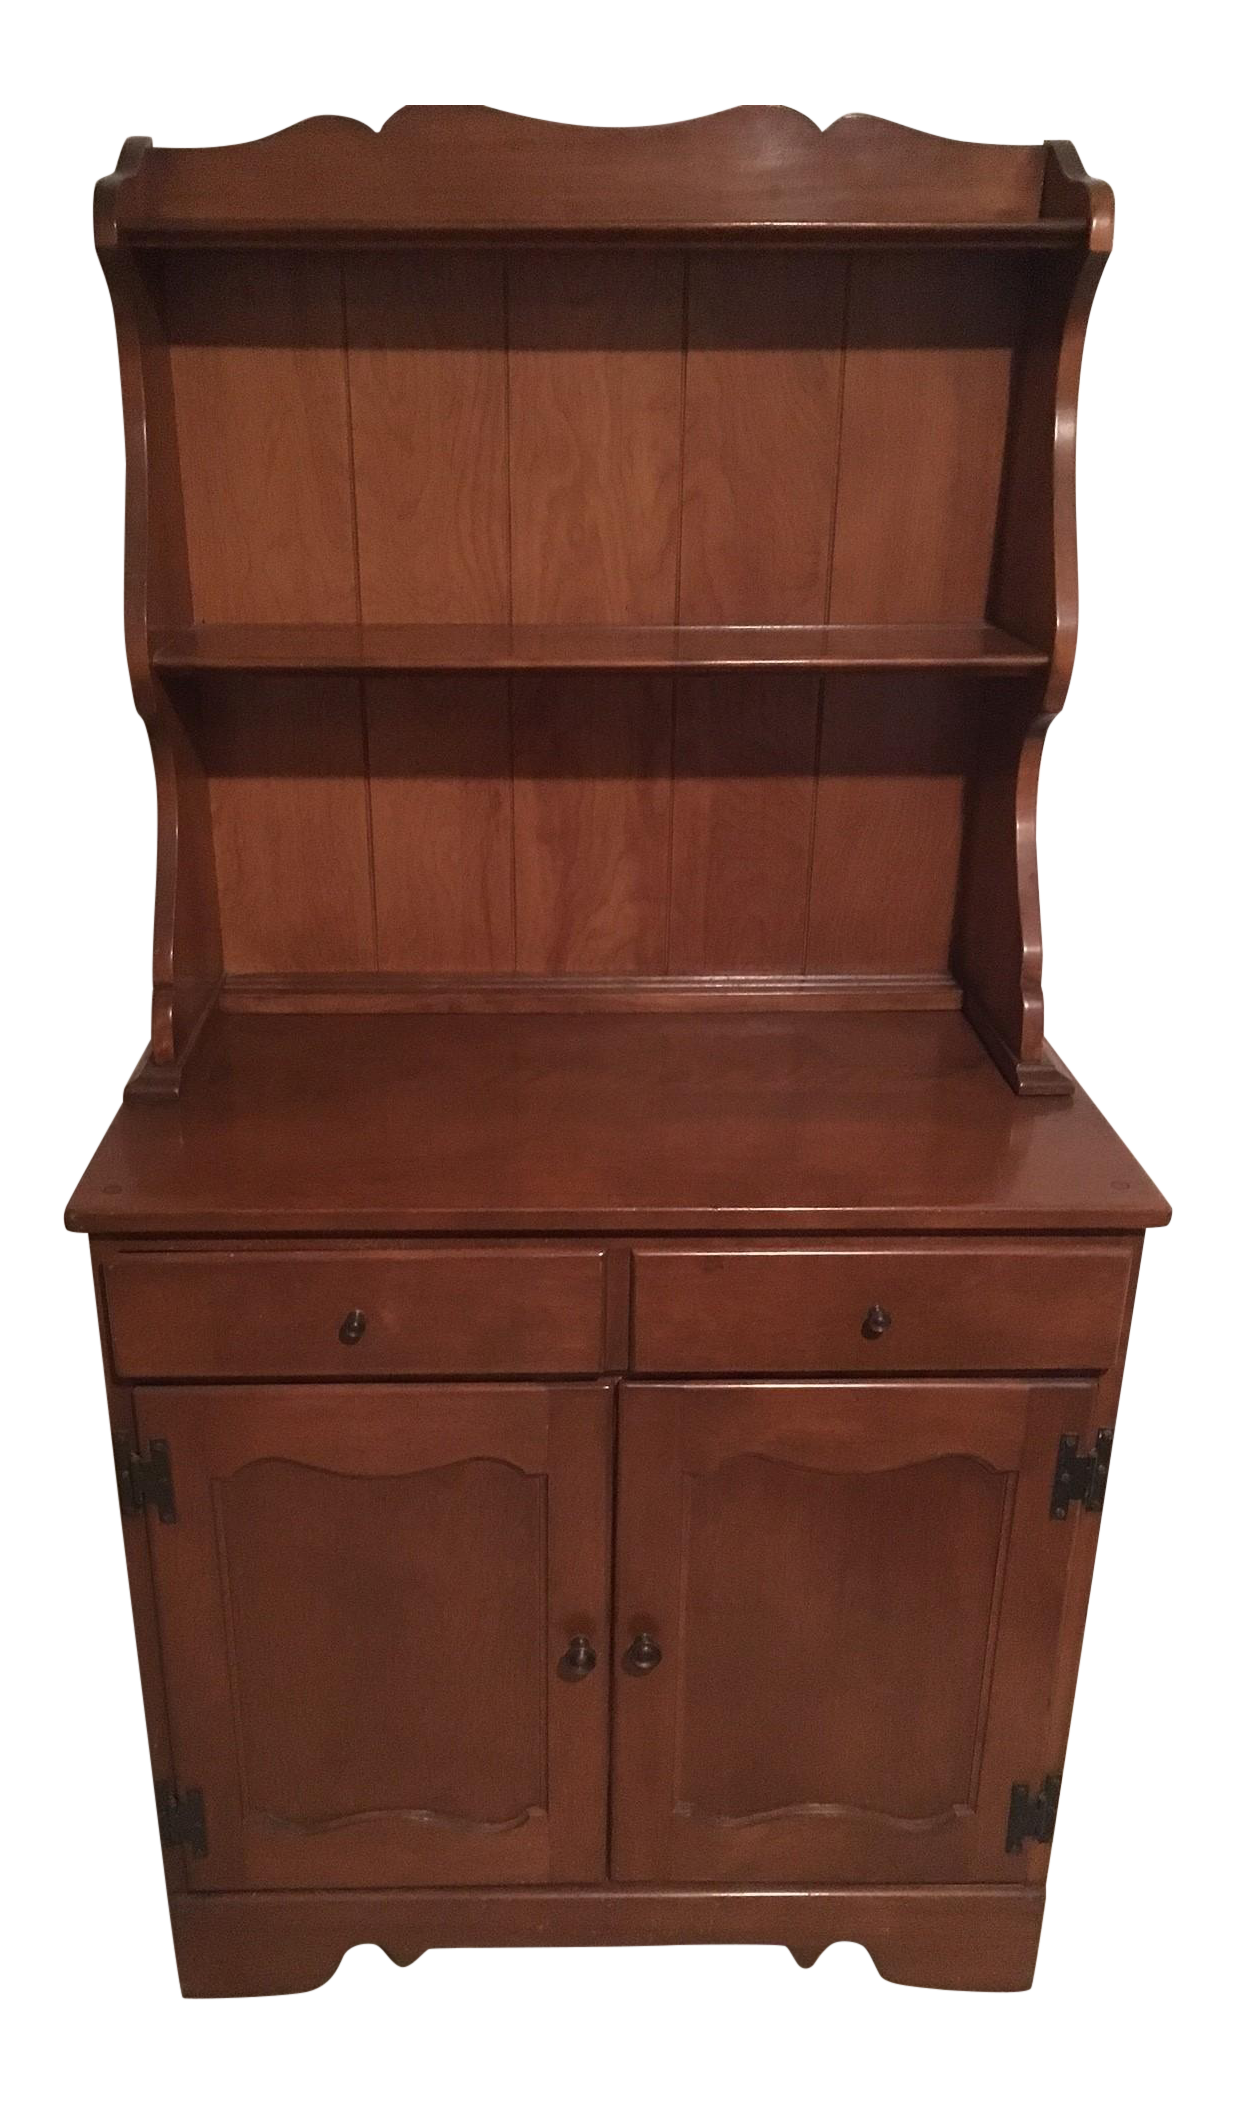 2 Piece Vintage Ethan Allen Baumritter Hutch Chairish